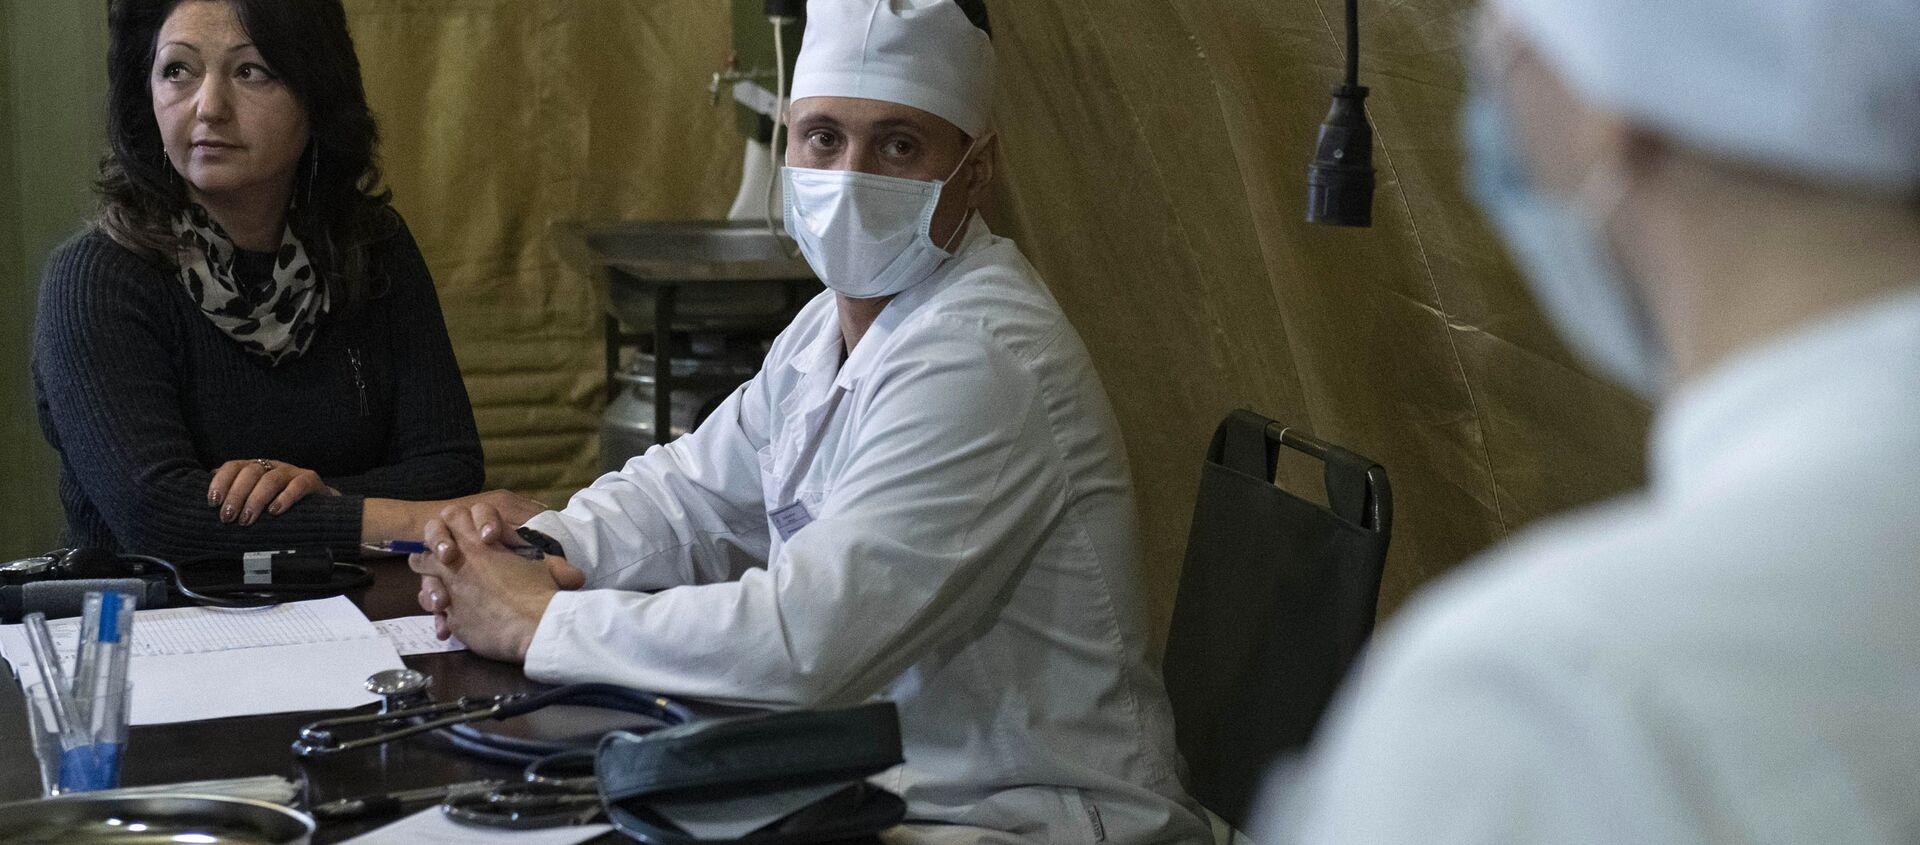 Lekarz przyjmuje pacjenta w szpitalu polowym rozmieszczonym przez rosyjskie Ministerstwo Obrony na lotnisku w Stepanakercie - Sputnik Polska, 1920, 20.02.2021